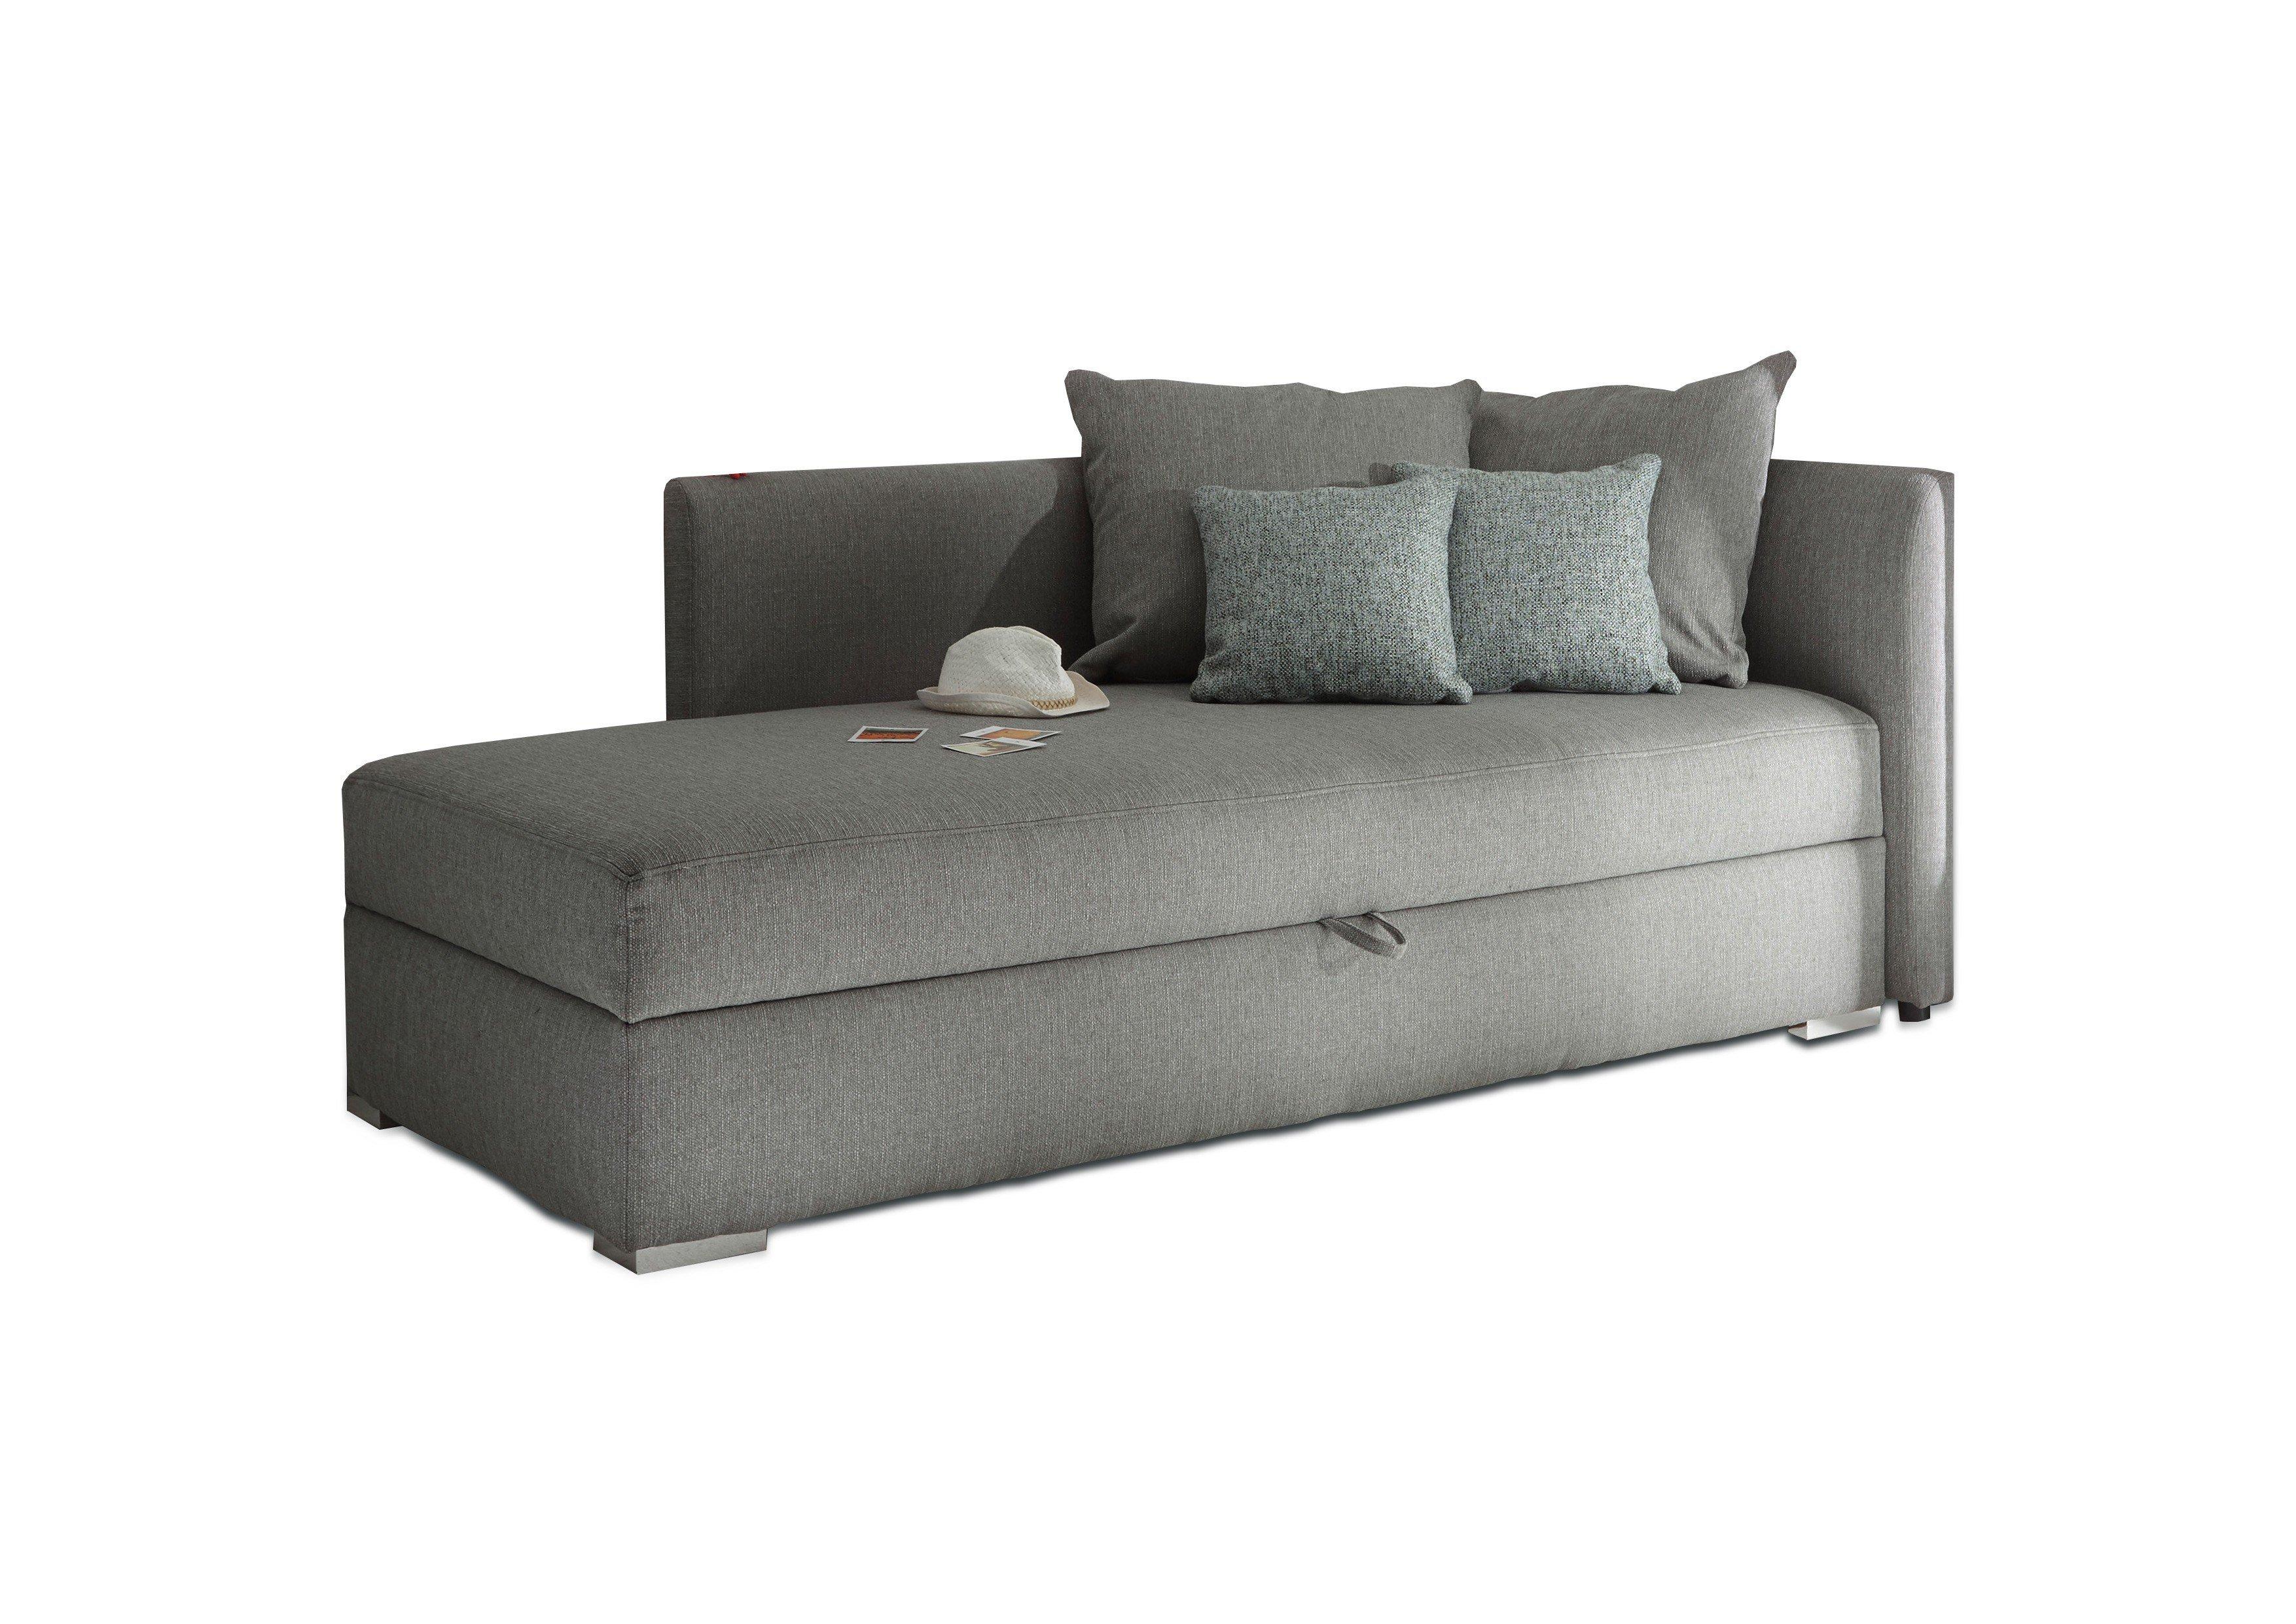 black red white mika einzelliege im farbton silver inklusive r ckenkissen m bel letz ihr. Black Bedroom Furniture Sets. Home Design Ideas